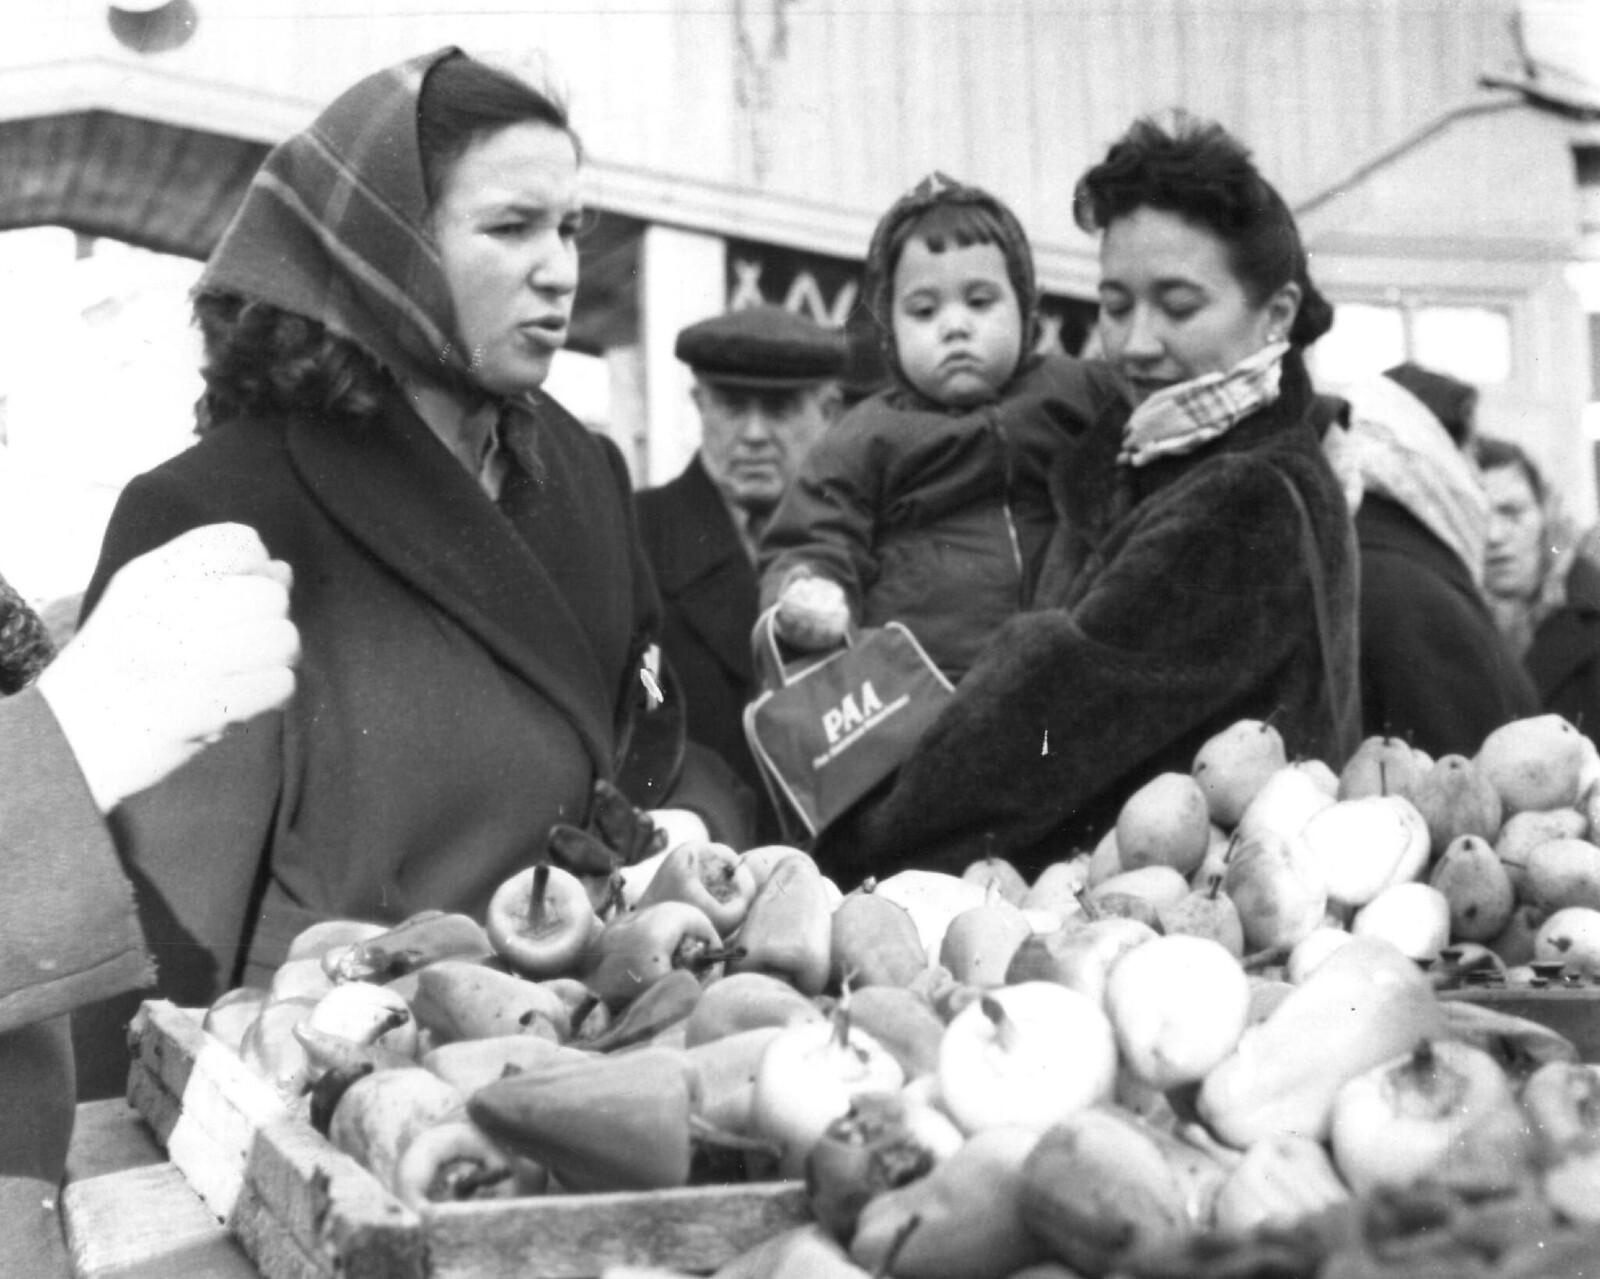 1958. На московком рынке. Миссис Элизабет Эссоян, жена Роя Эссояна, московского корреспондент агентства Ассошиэйтед Пресс,с дочерью Кэти. 16 ноября